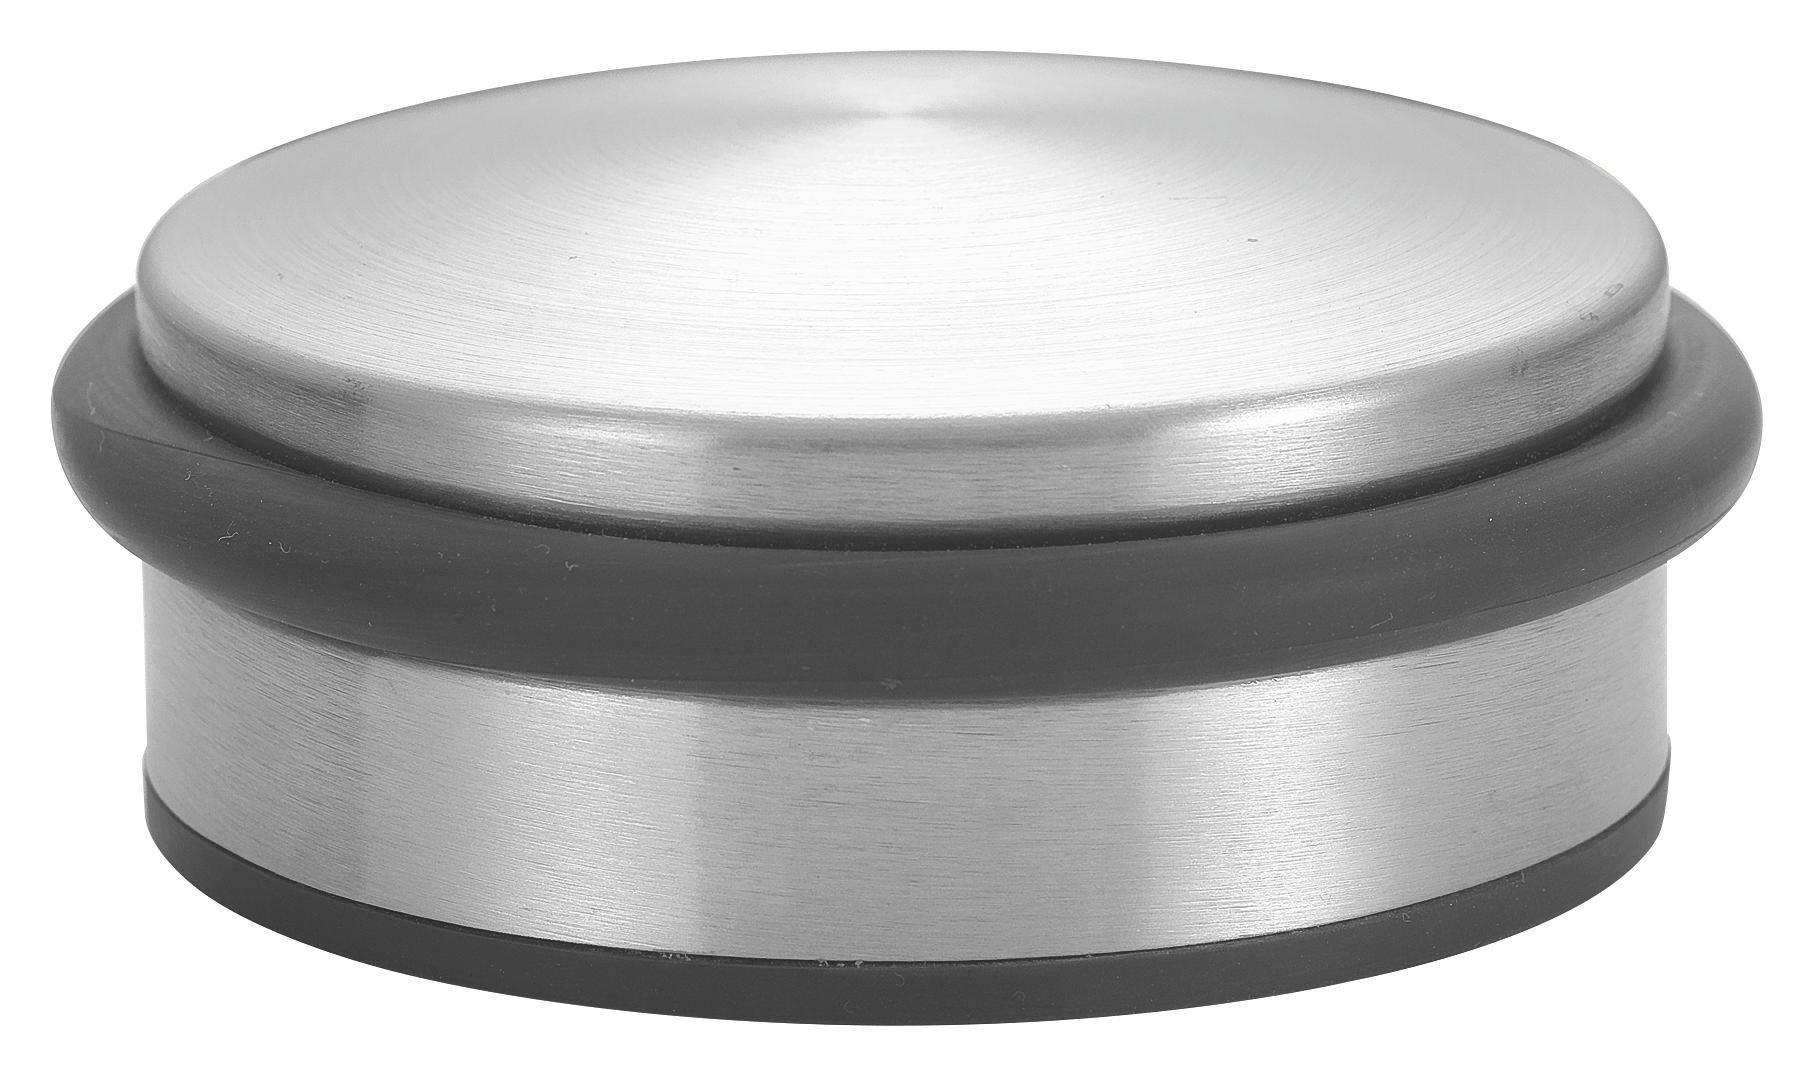 Ajtóütköző Dorian - fekete/ezüst színű, konvencionális, fém (10/3,5cm)